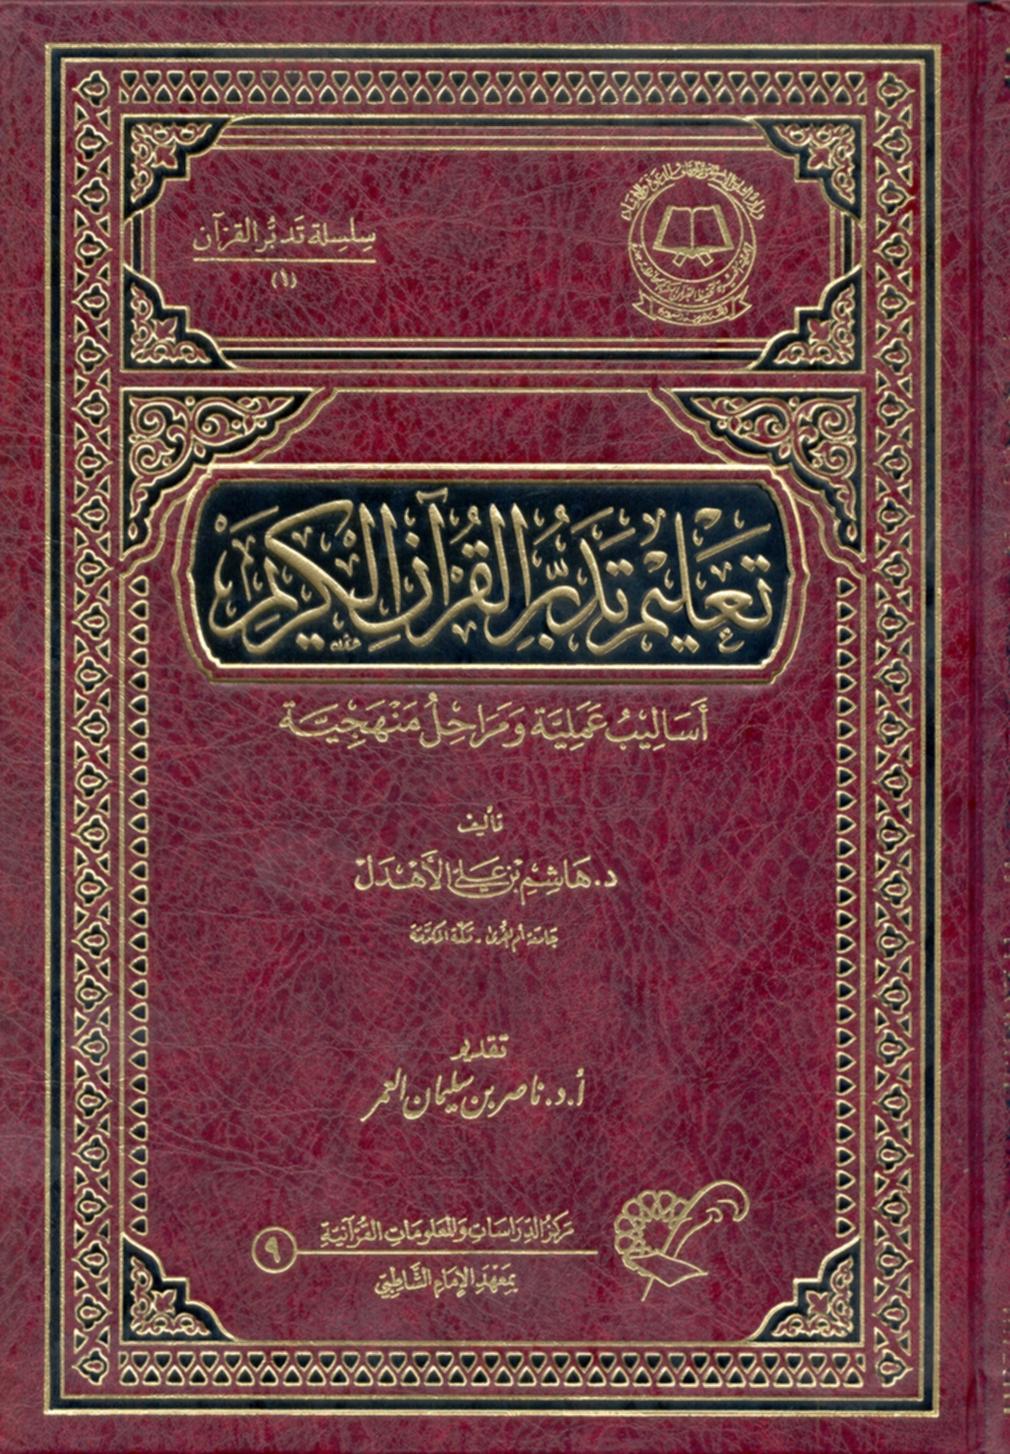 عنوان كتاب جميل